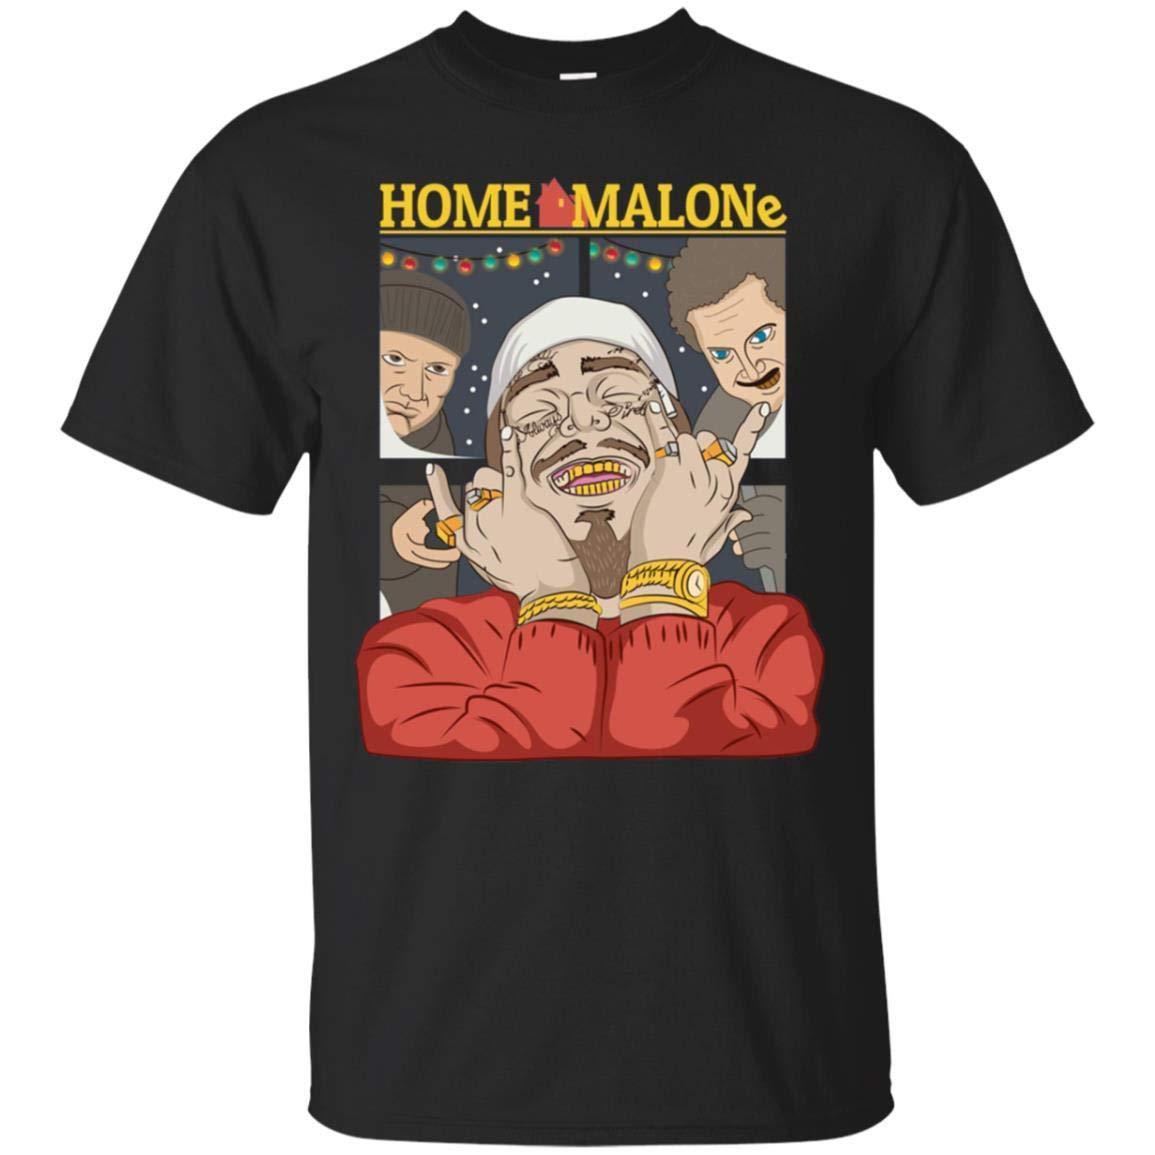 Teepowers Home Malone Funny Home Alone Christmas Movie Unisex Tshirt